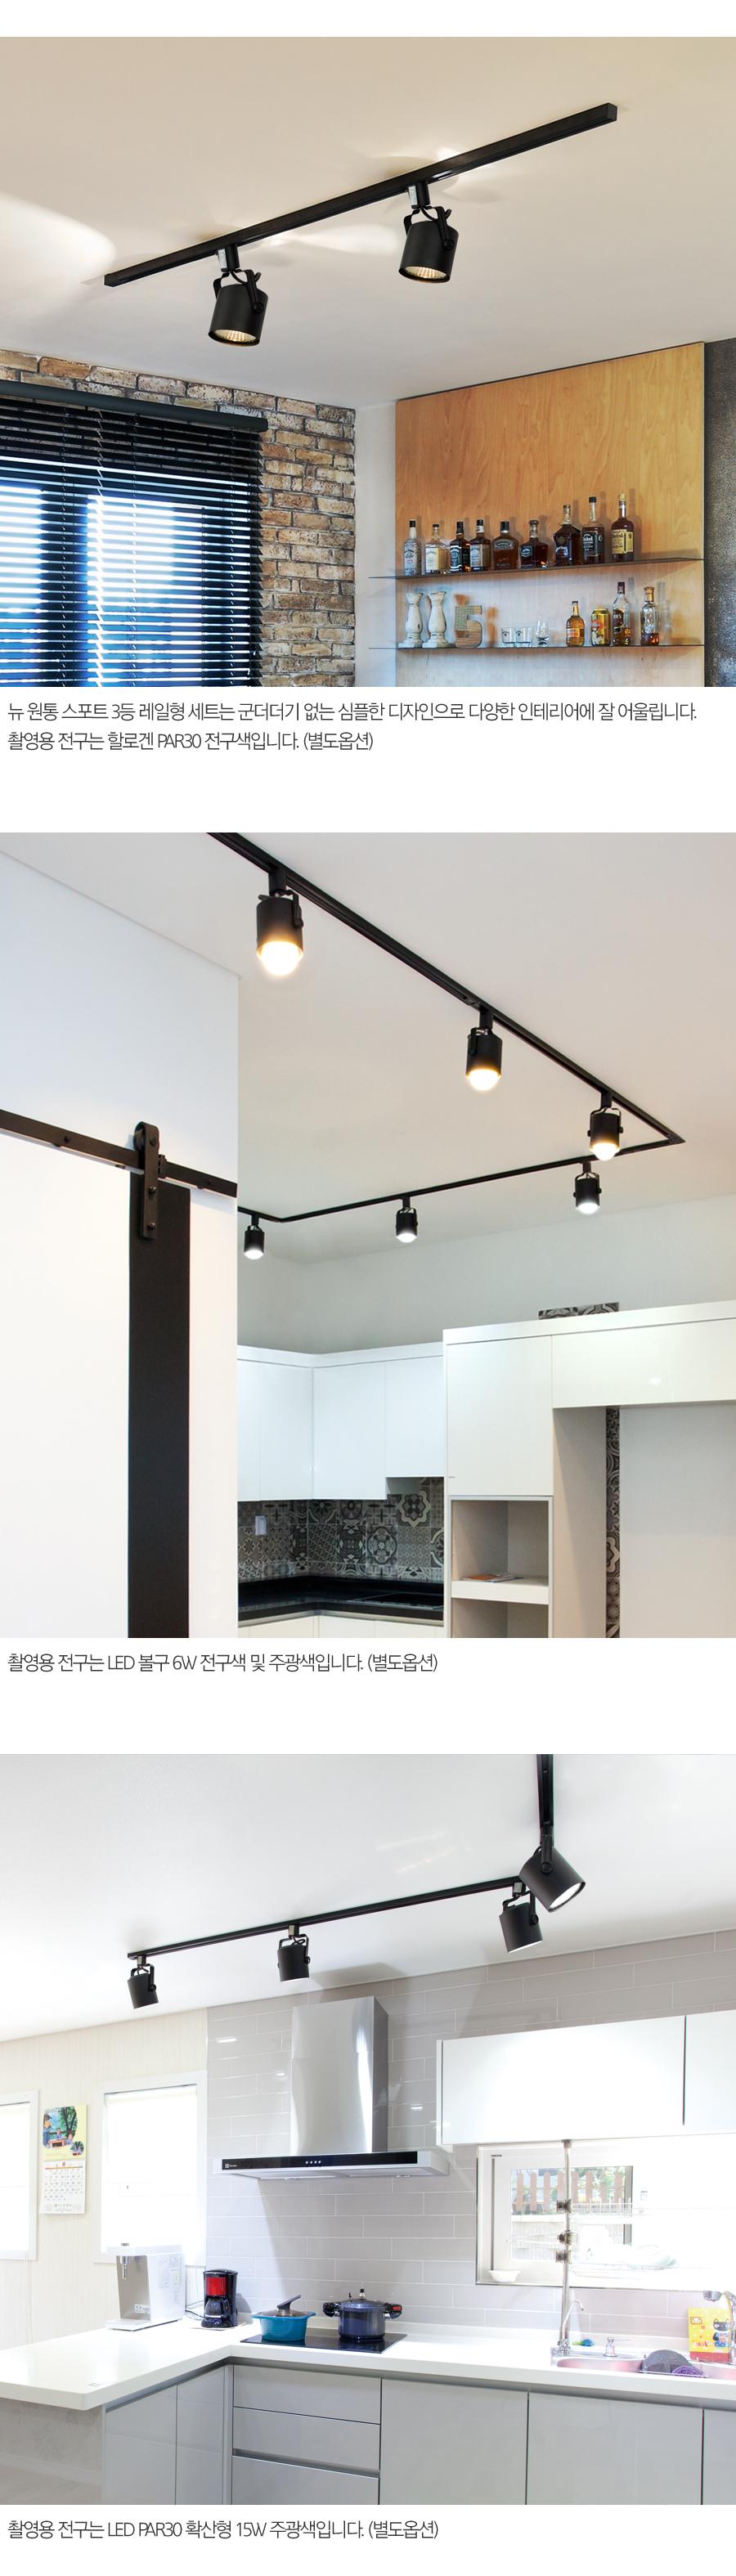 뉴 원통 스포트 3등 레일형 세트 - 샛별조명, 67,000원, 리빙조명, 방등/천장등